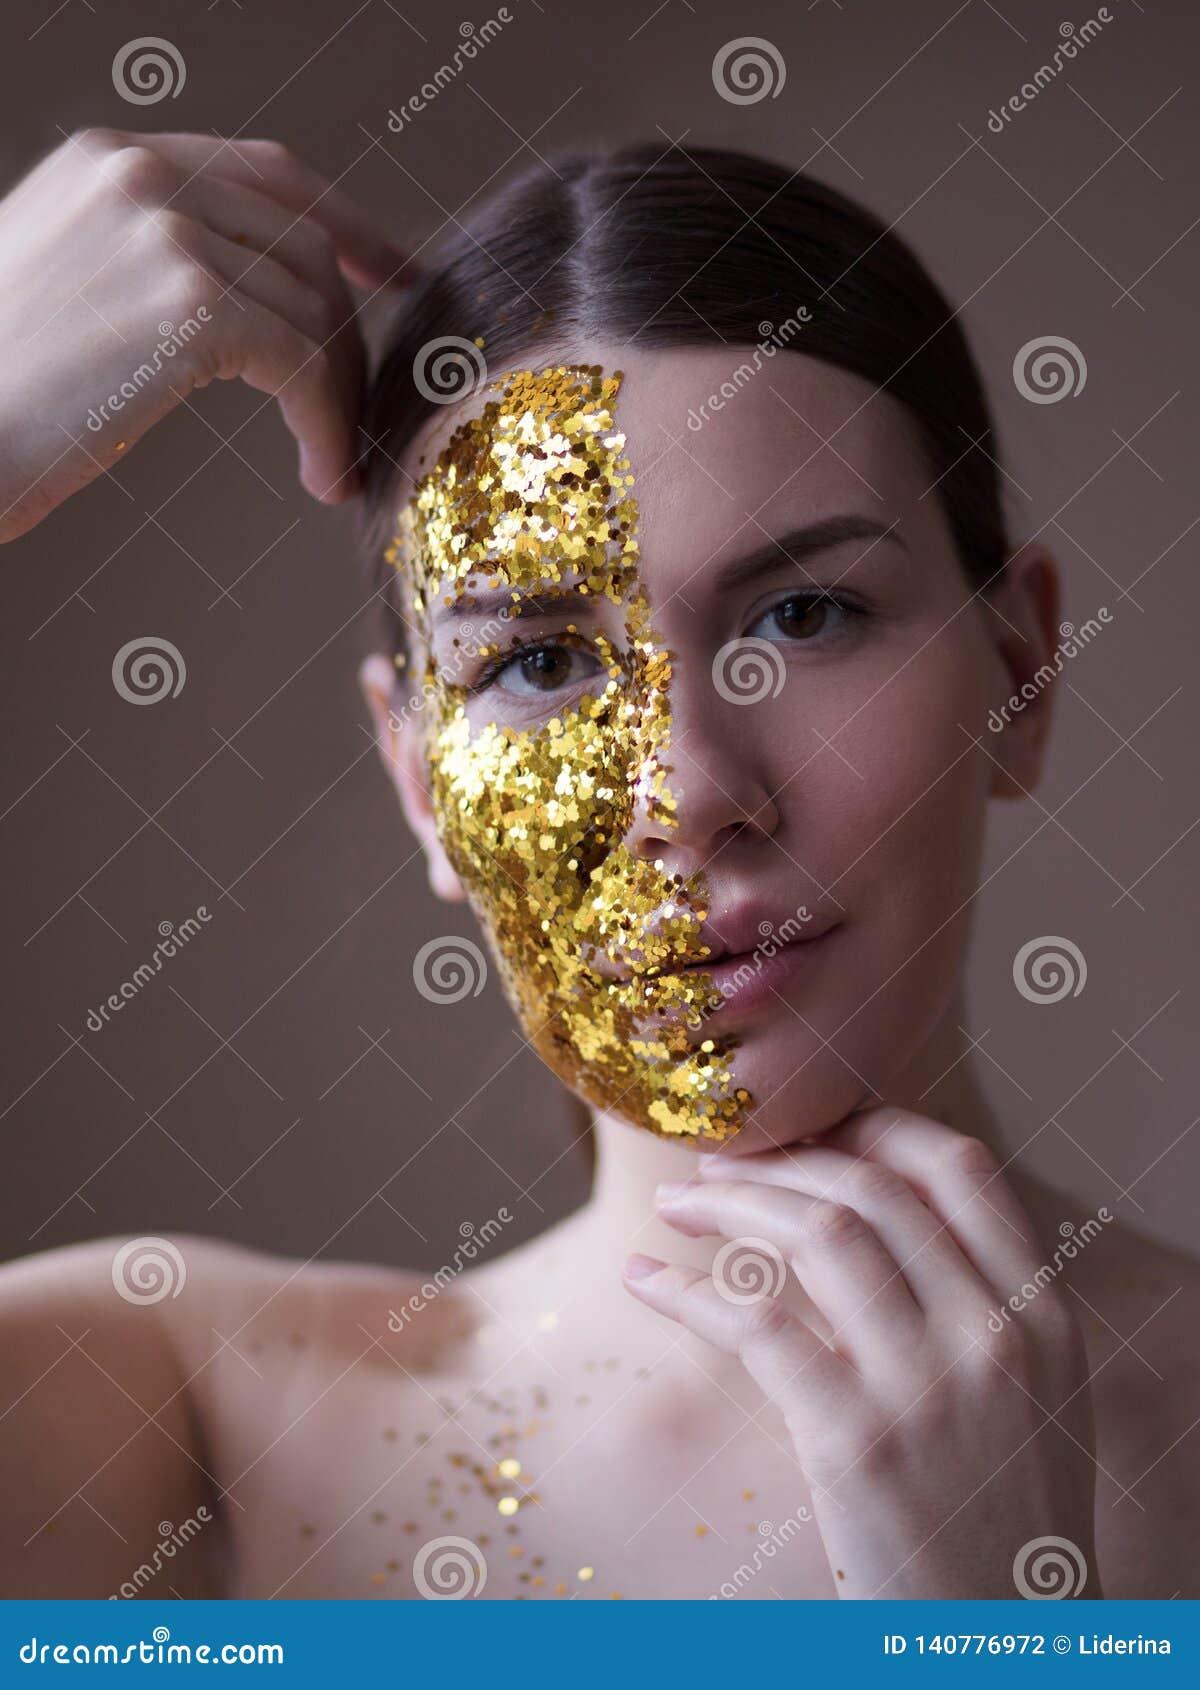 Endast guld-, är ingenting som är annat